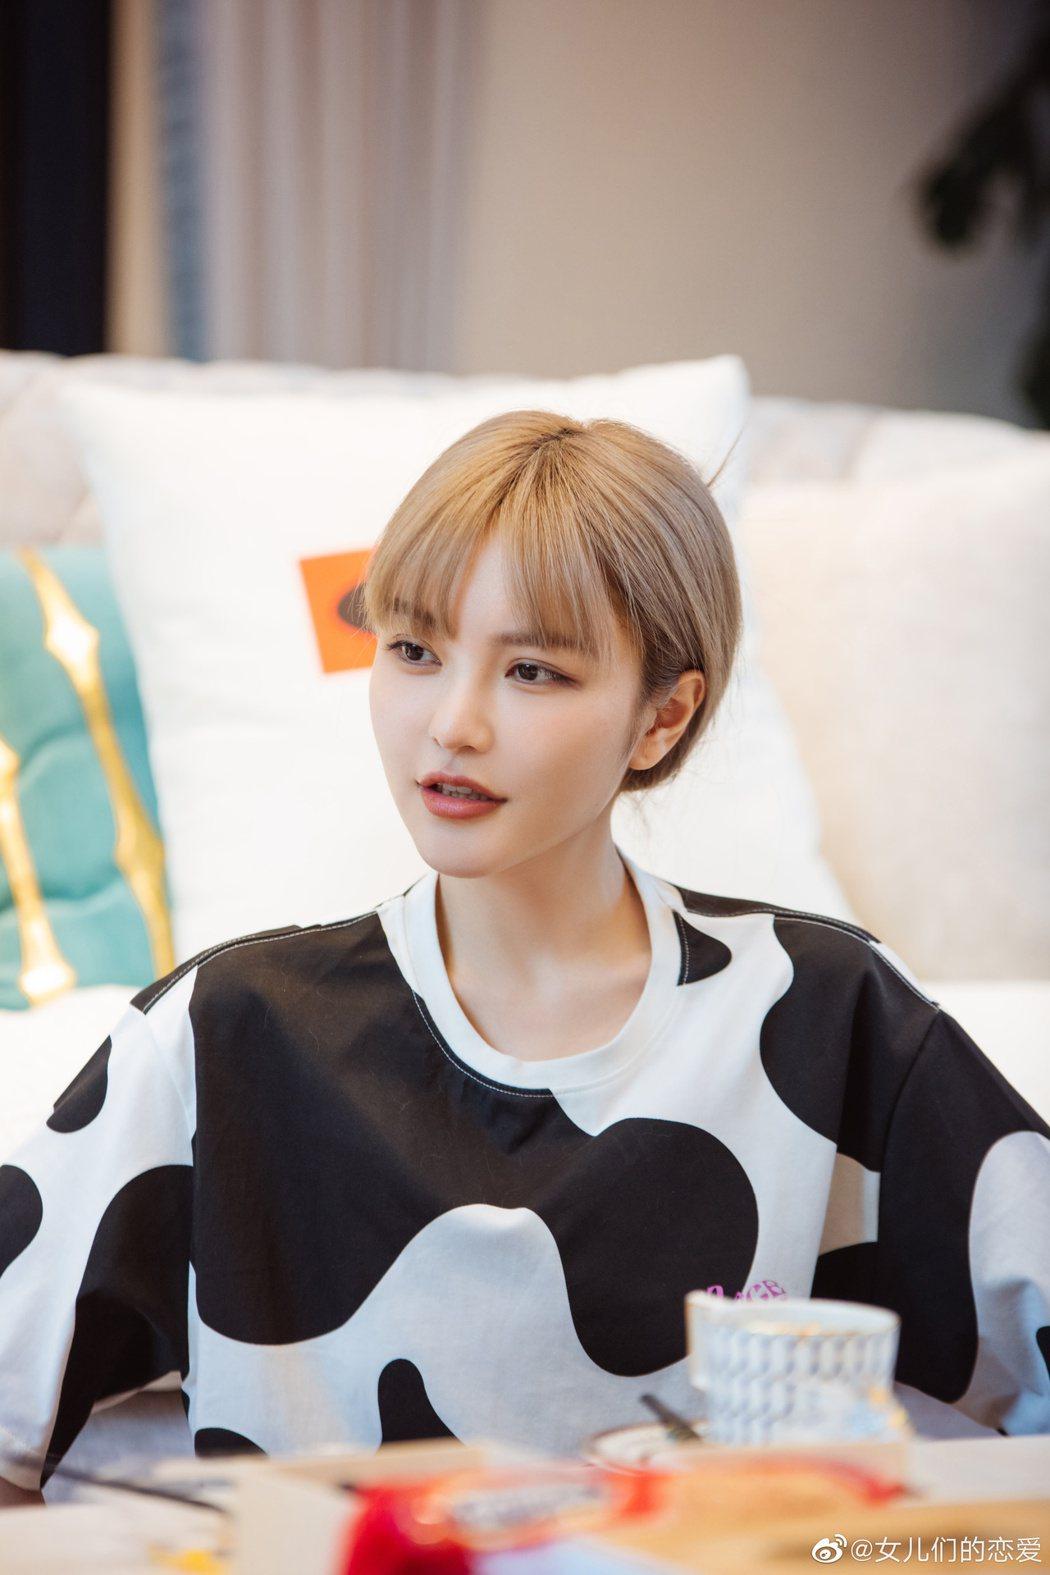 周揚青自認並非大眾喜歡的溫柔女生。圖/摘自微博